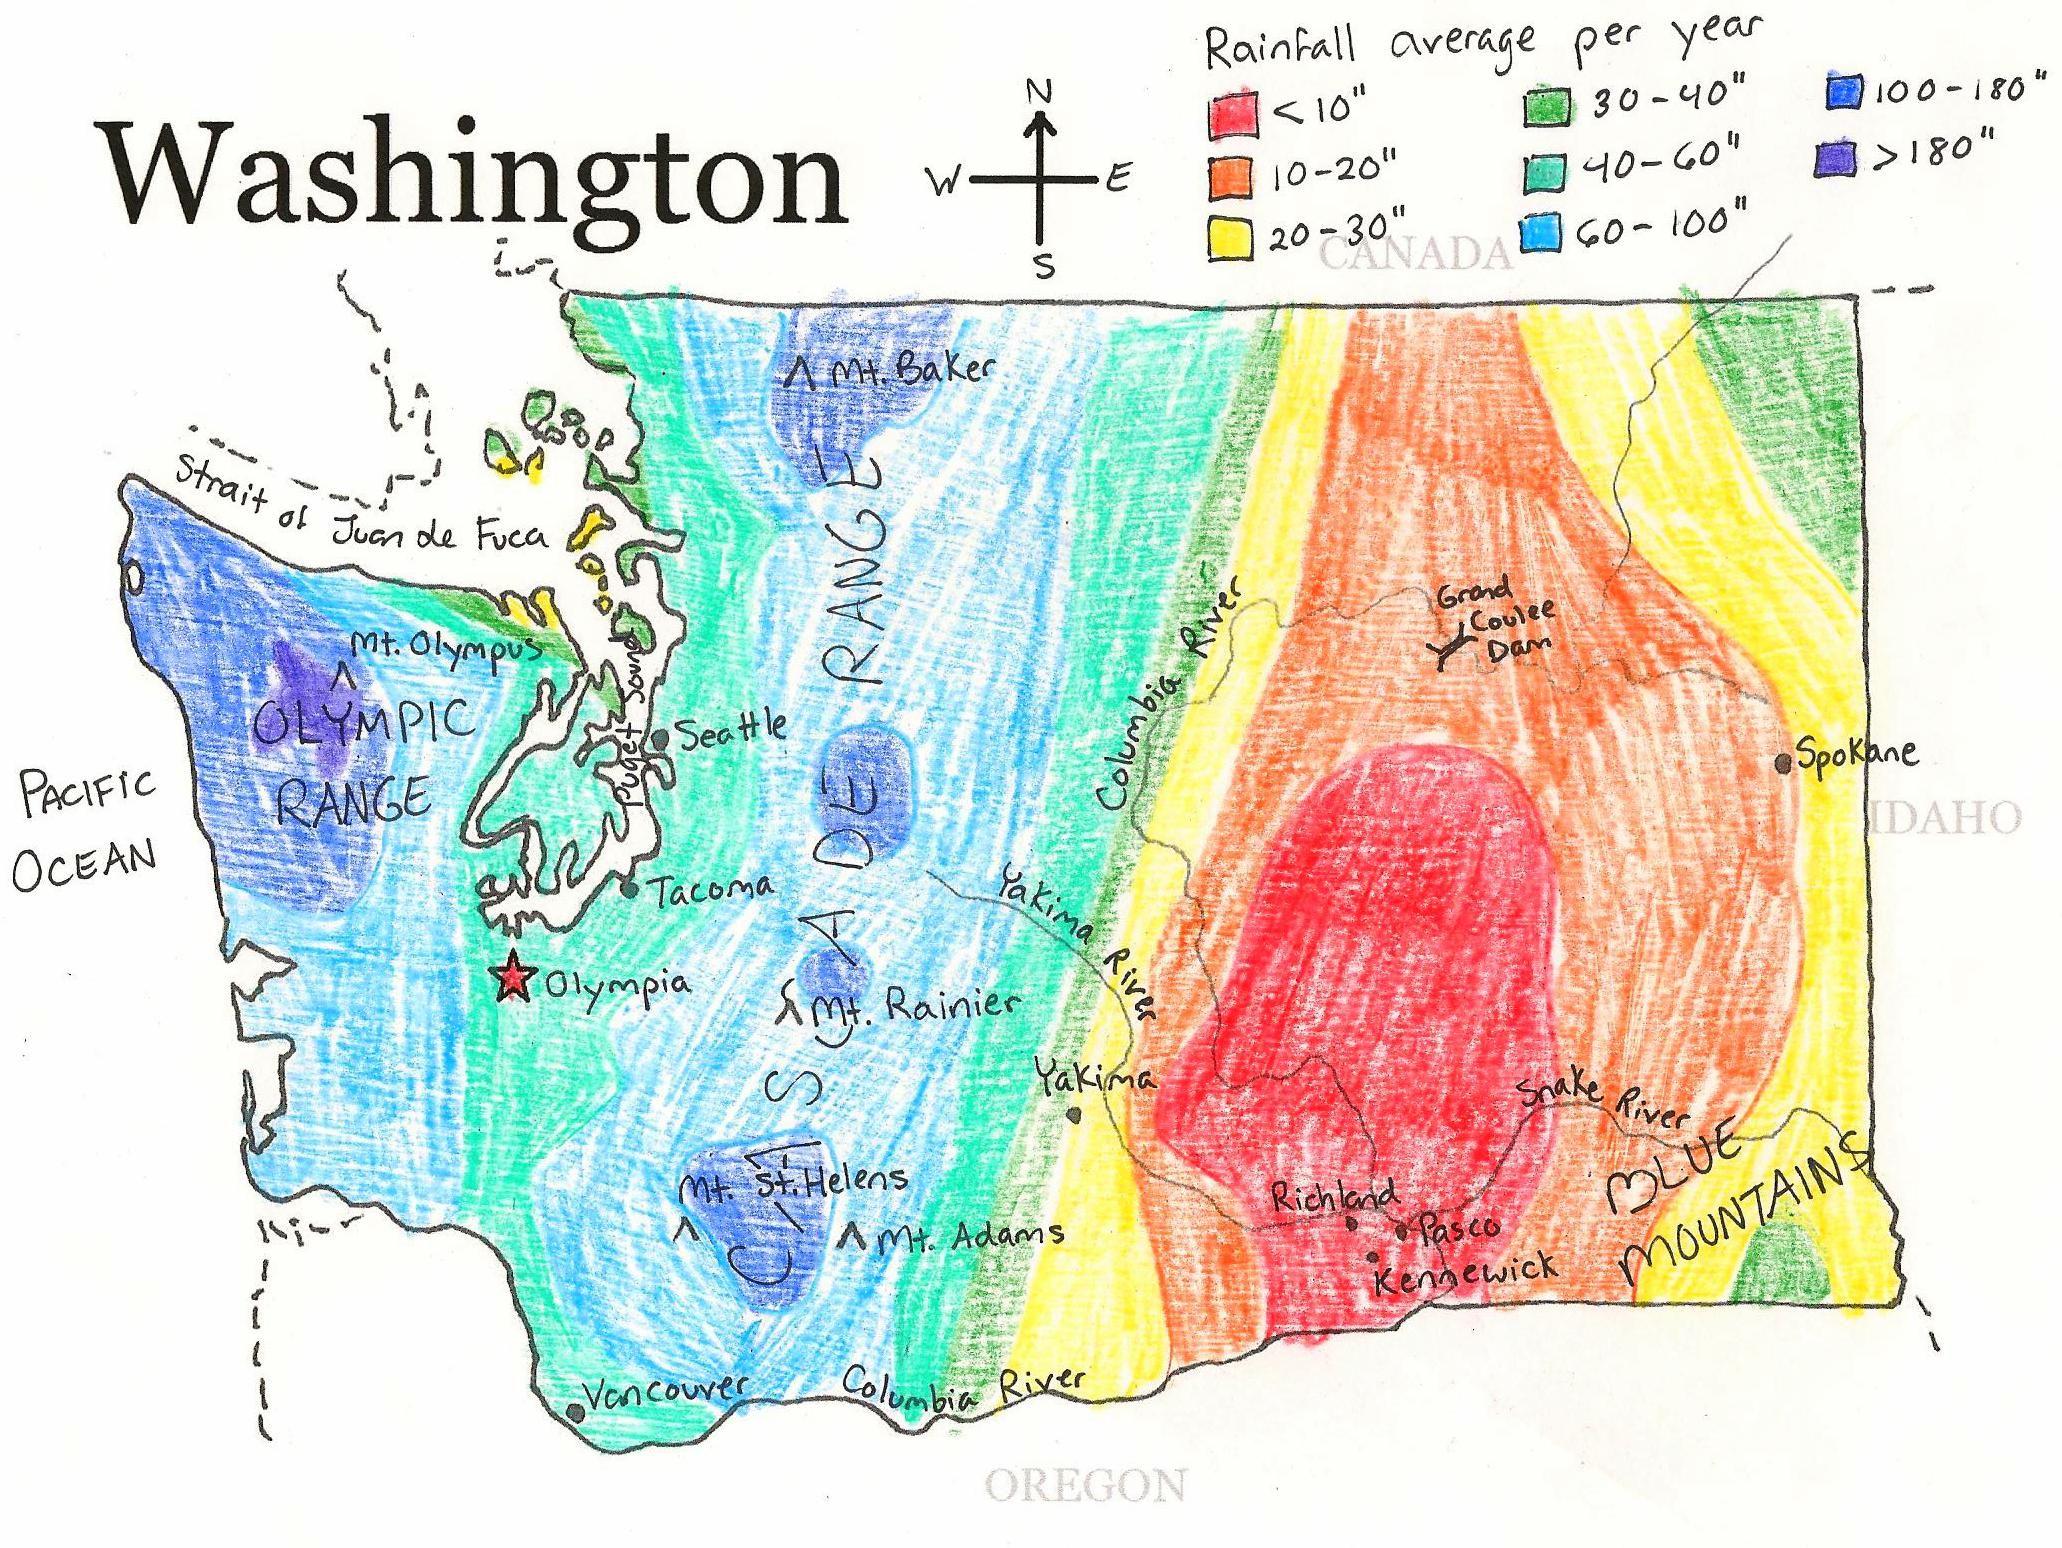 Washington State Printable Map   State Studies   Pinterest - Printable Map Of Washington State